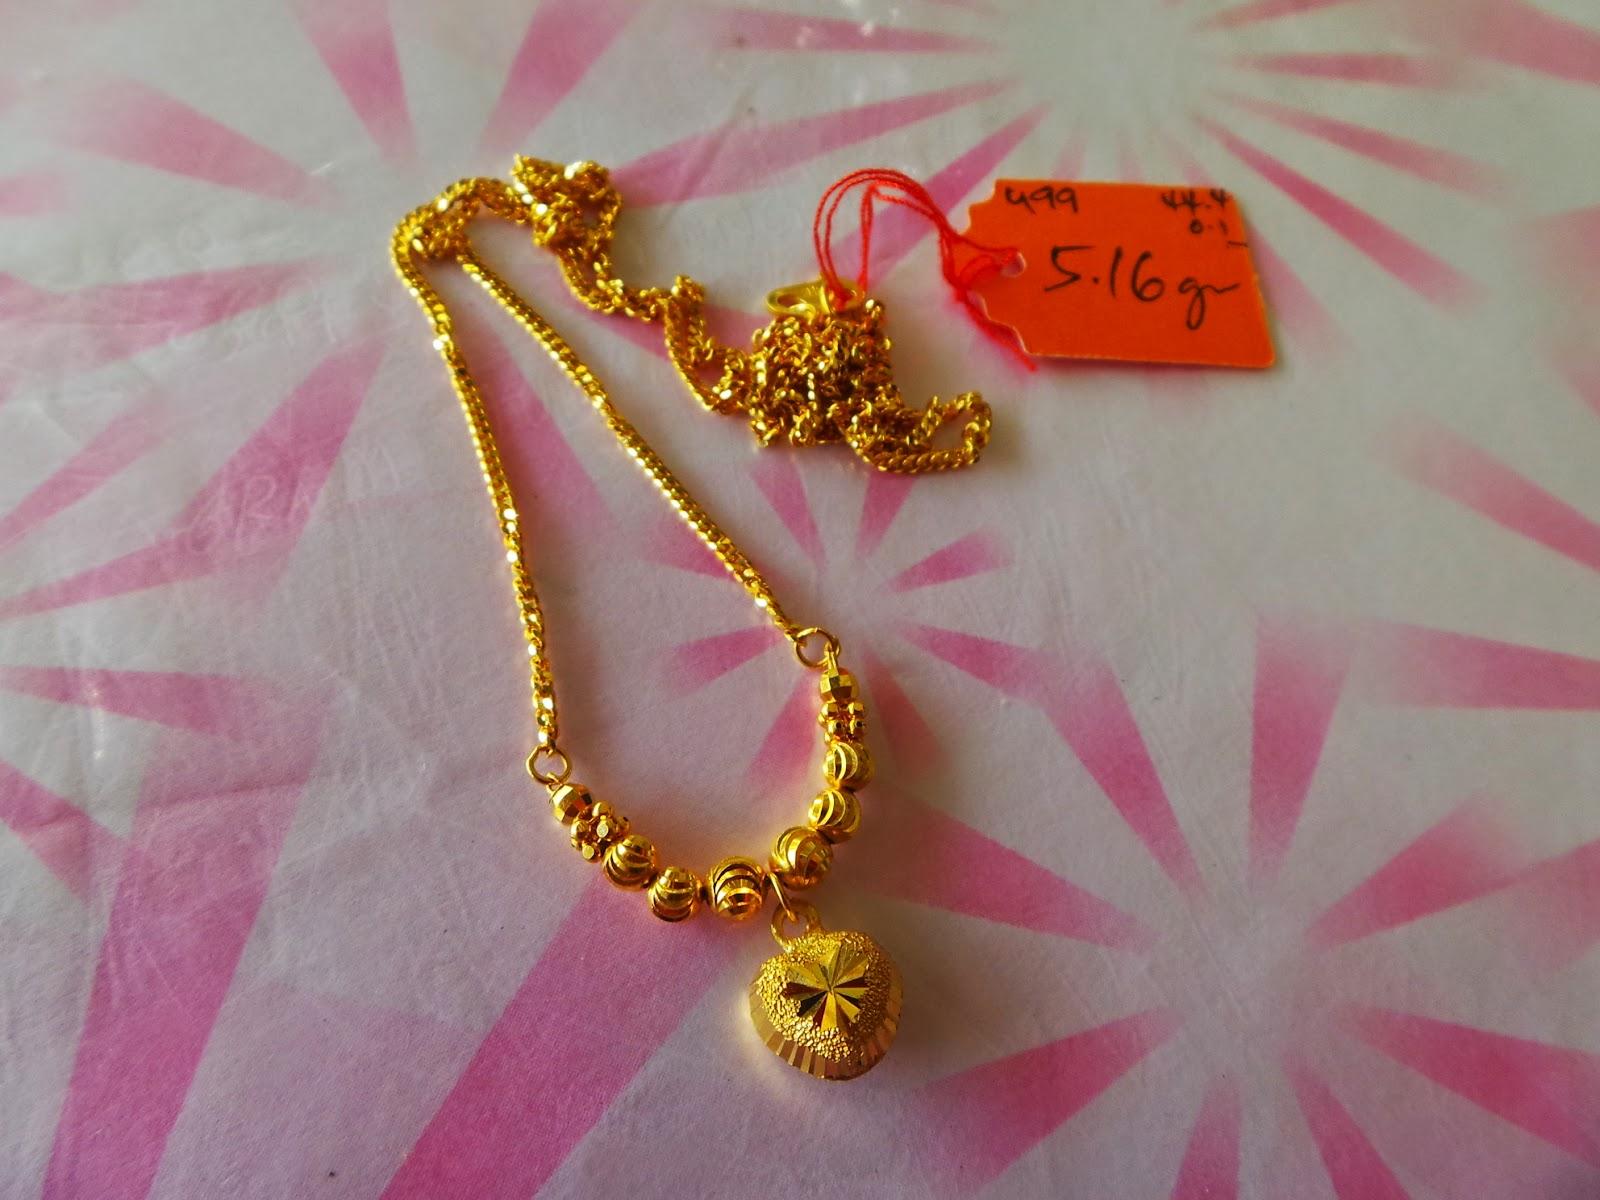 SOLD Rantai Leher Mesin Chocker Buah Love 516g U99 444cm